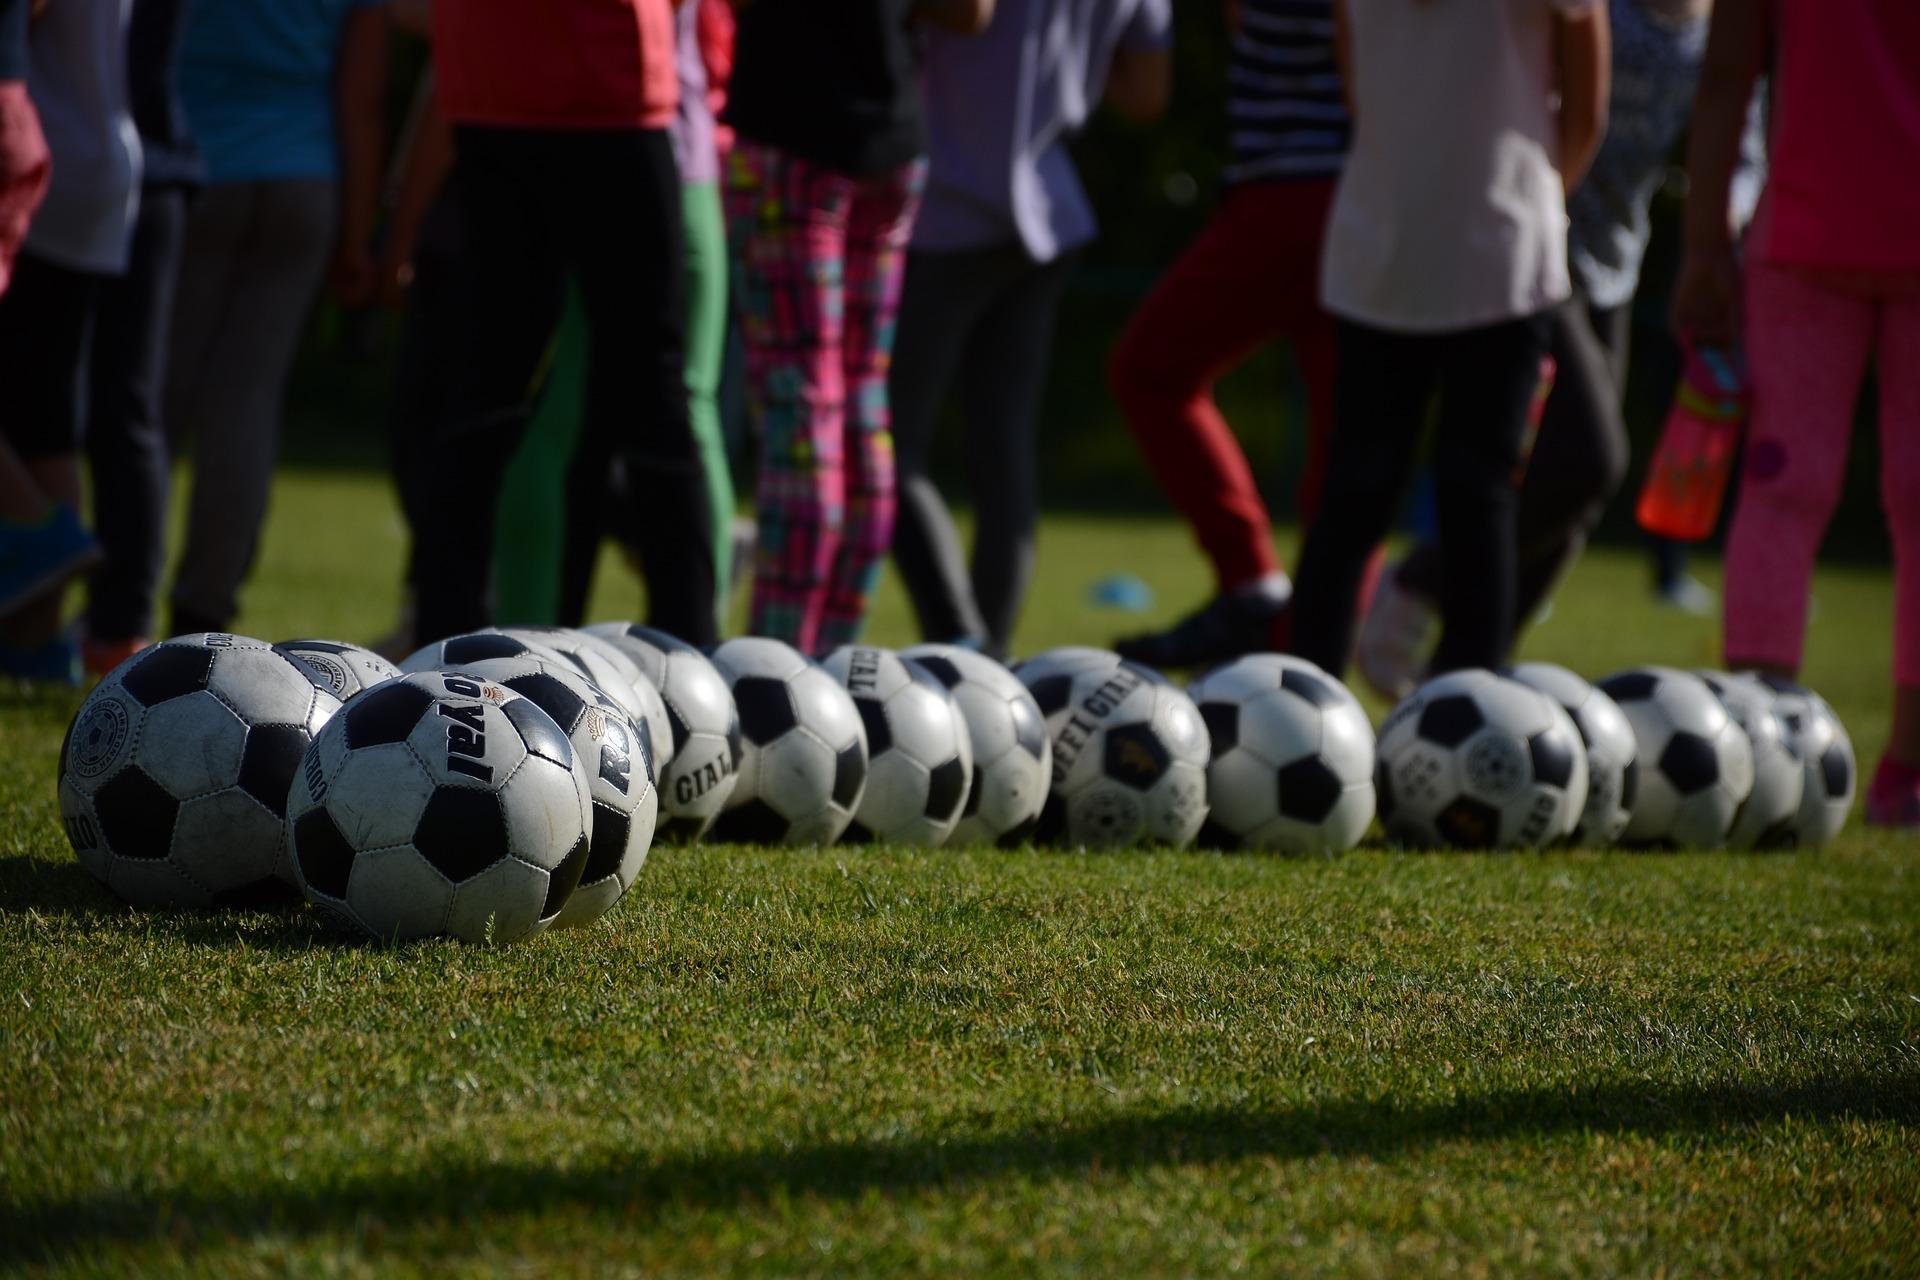 Motivação Futebol De Formação